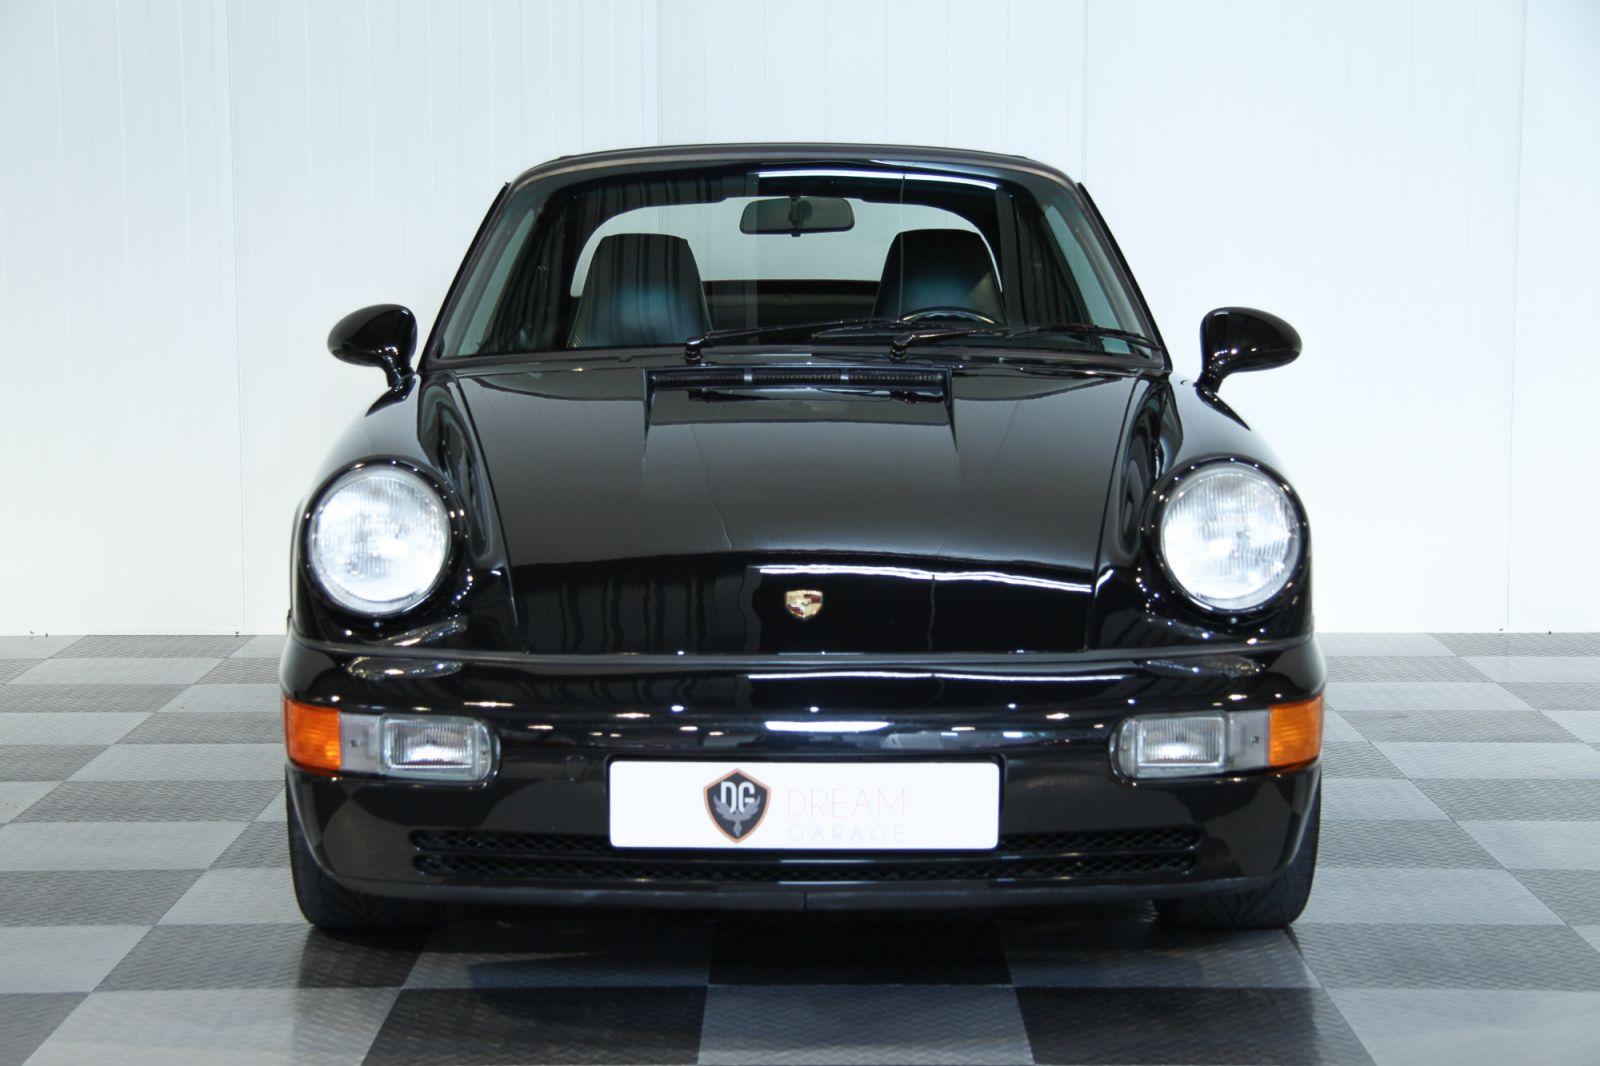 Dream Garage Sold Carsporsche 911 964 Carrera 2 Cabriolet